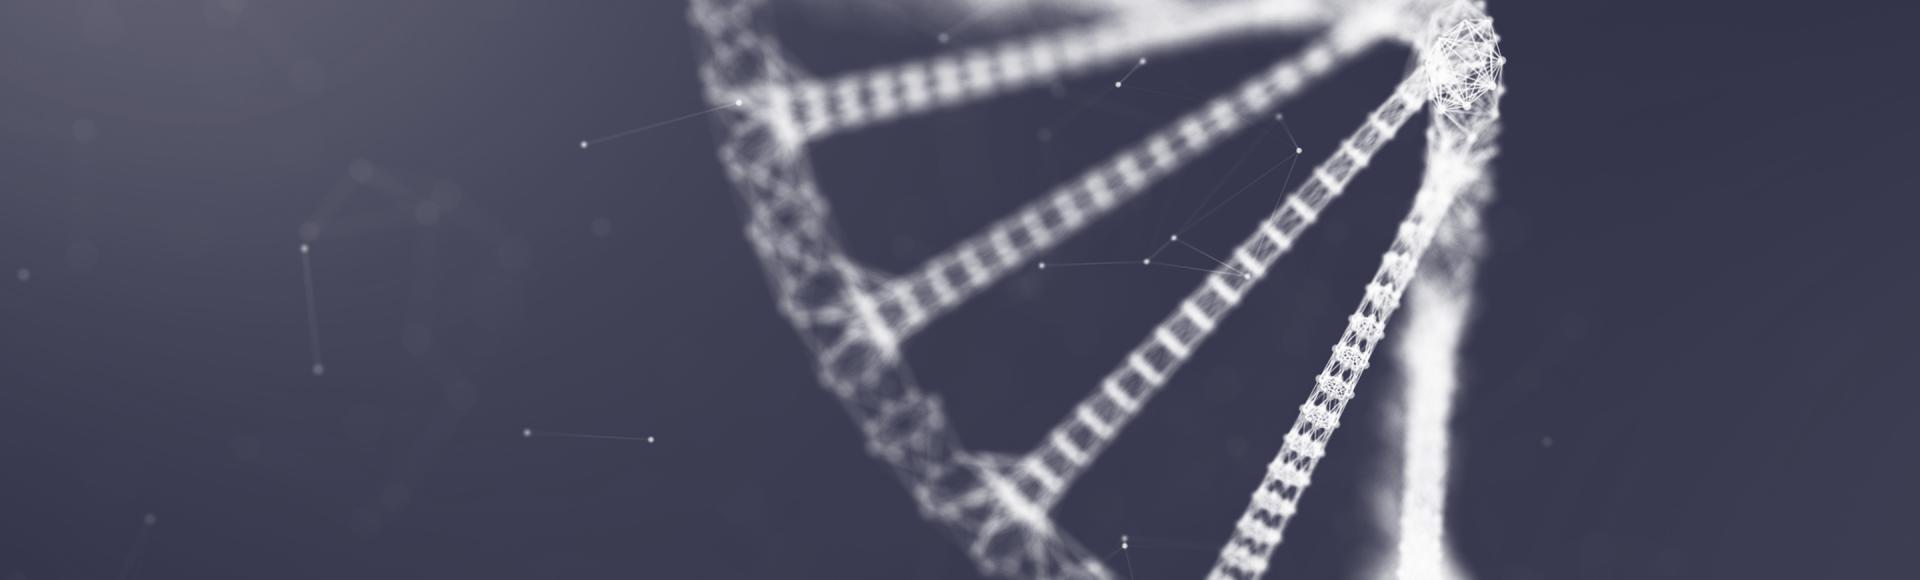 ARK-Invest_Blog-Banner_2018_08_21---CRISPR